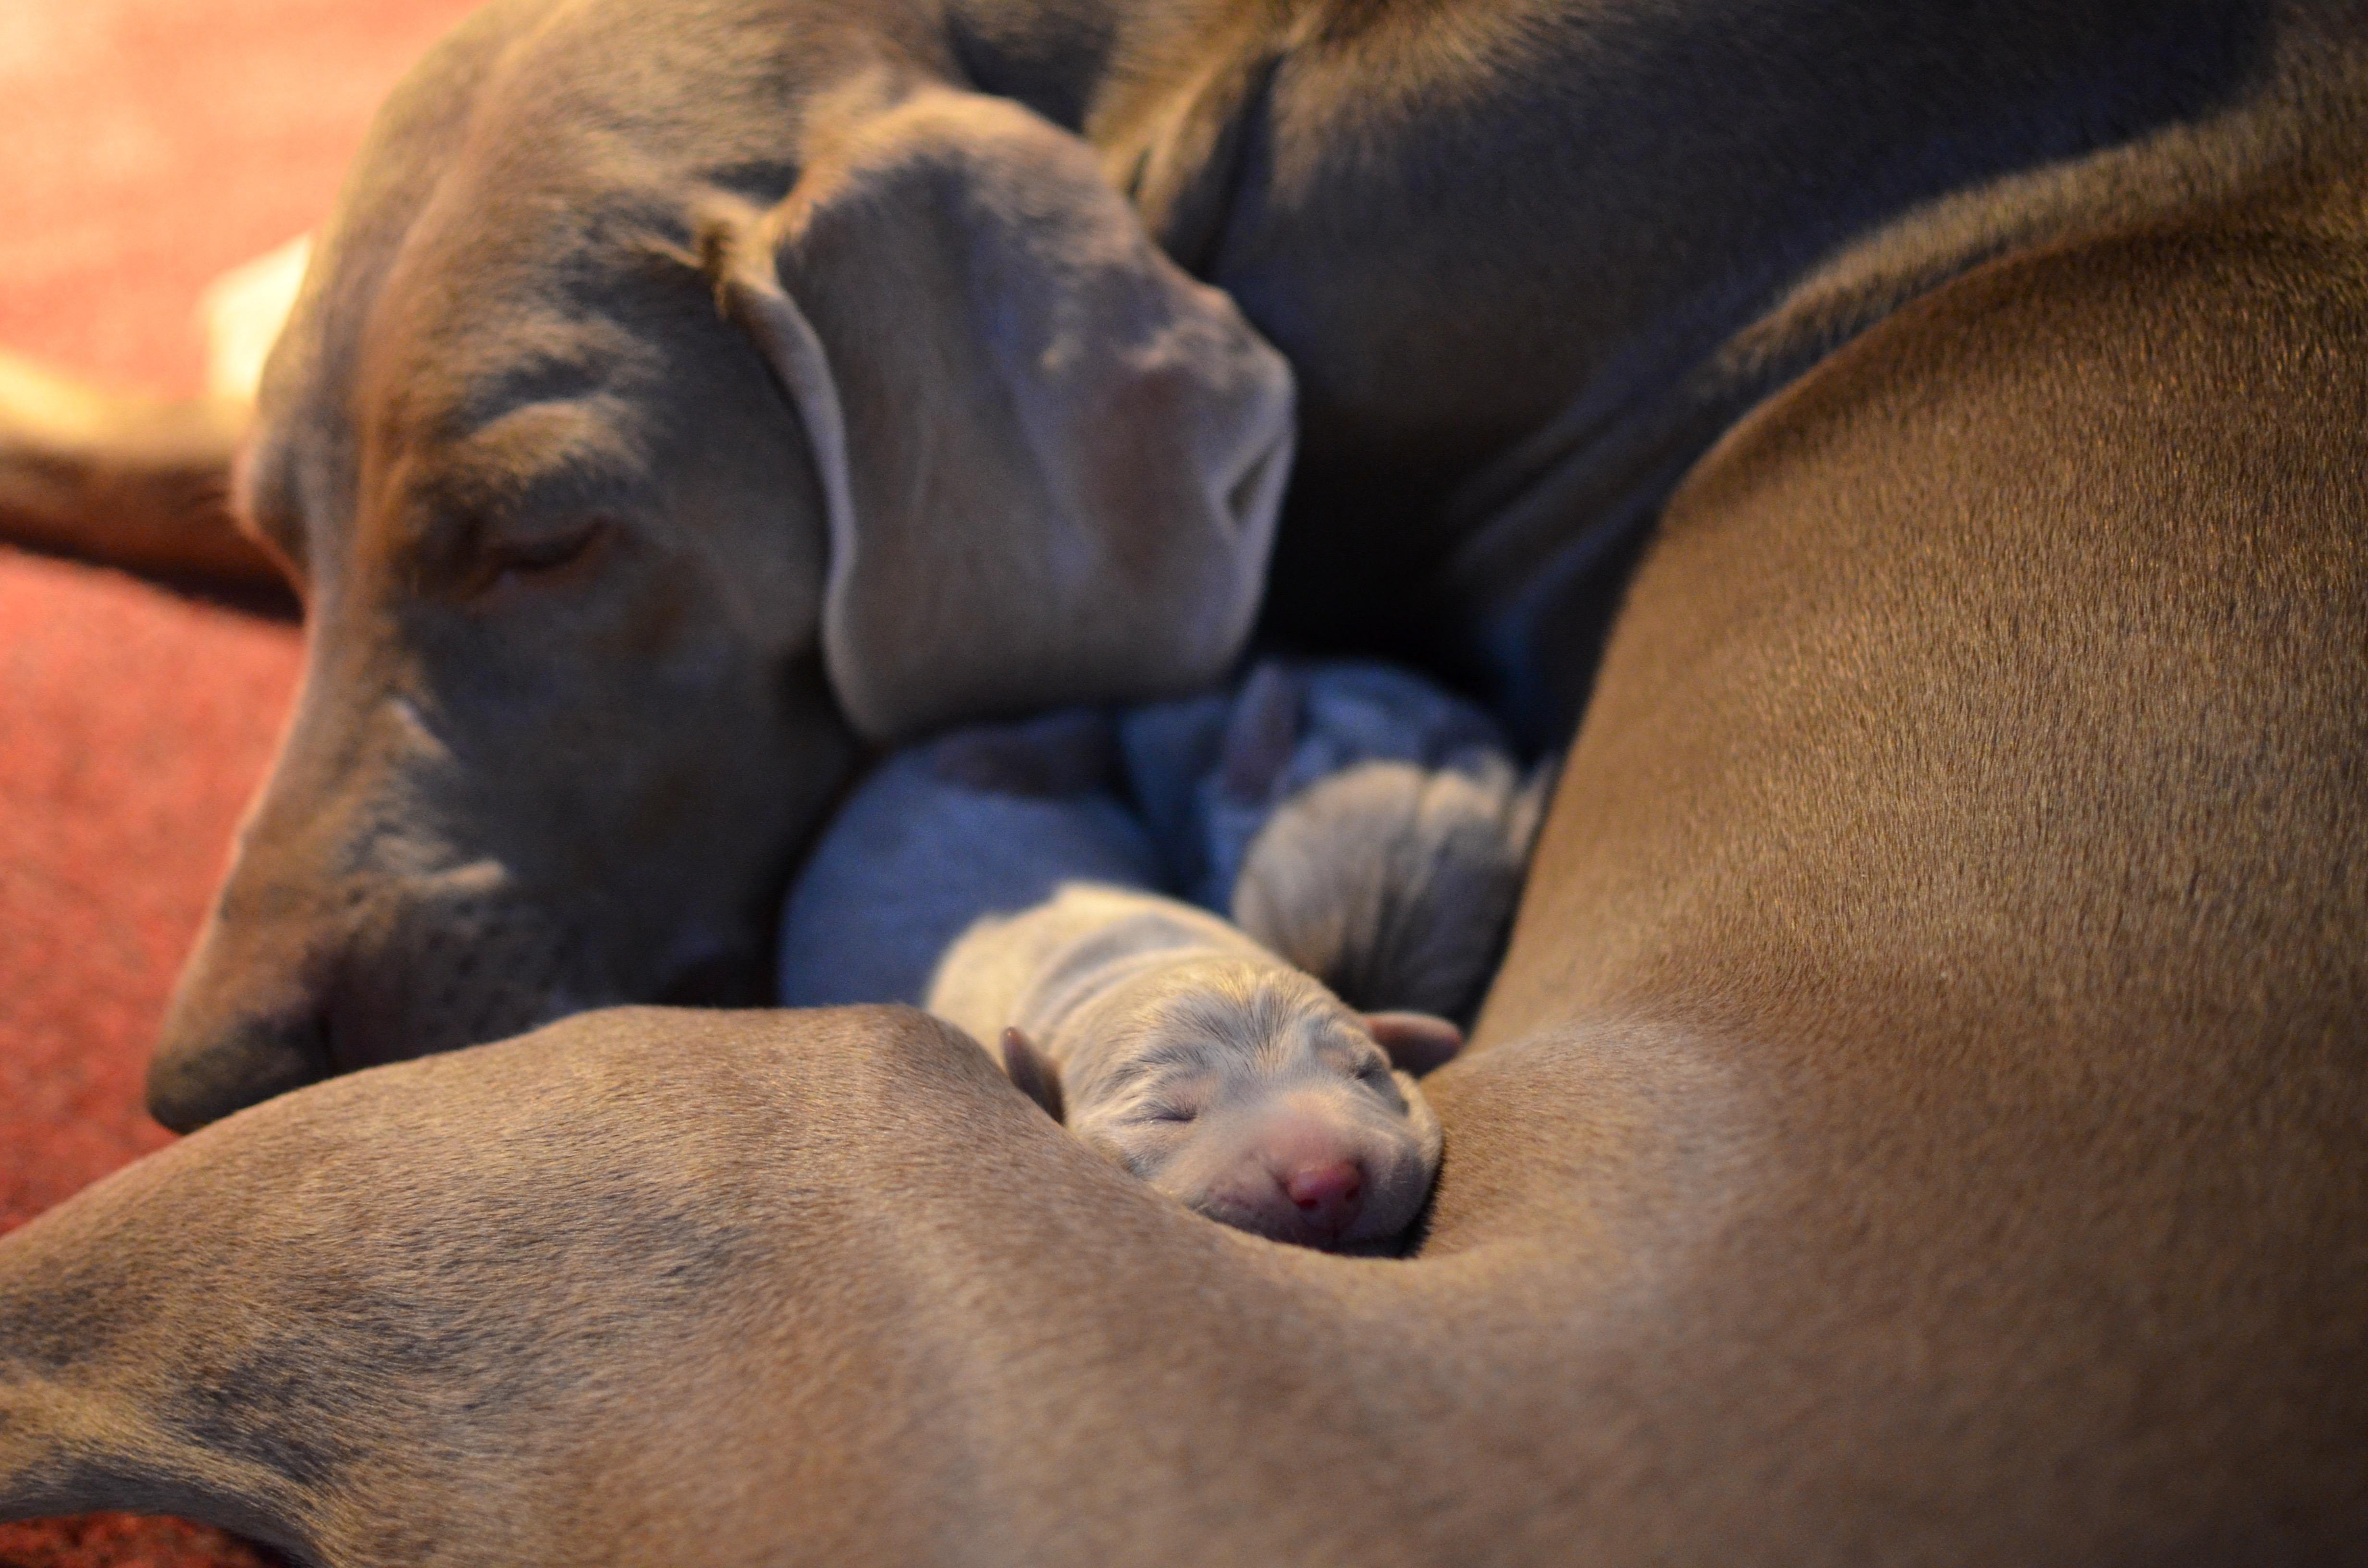 Shade & Pup